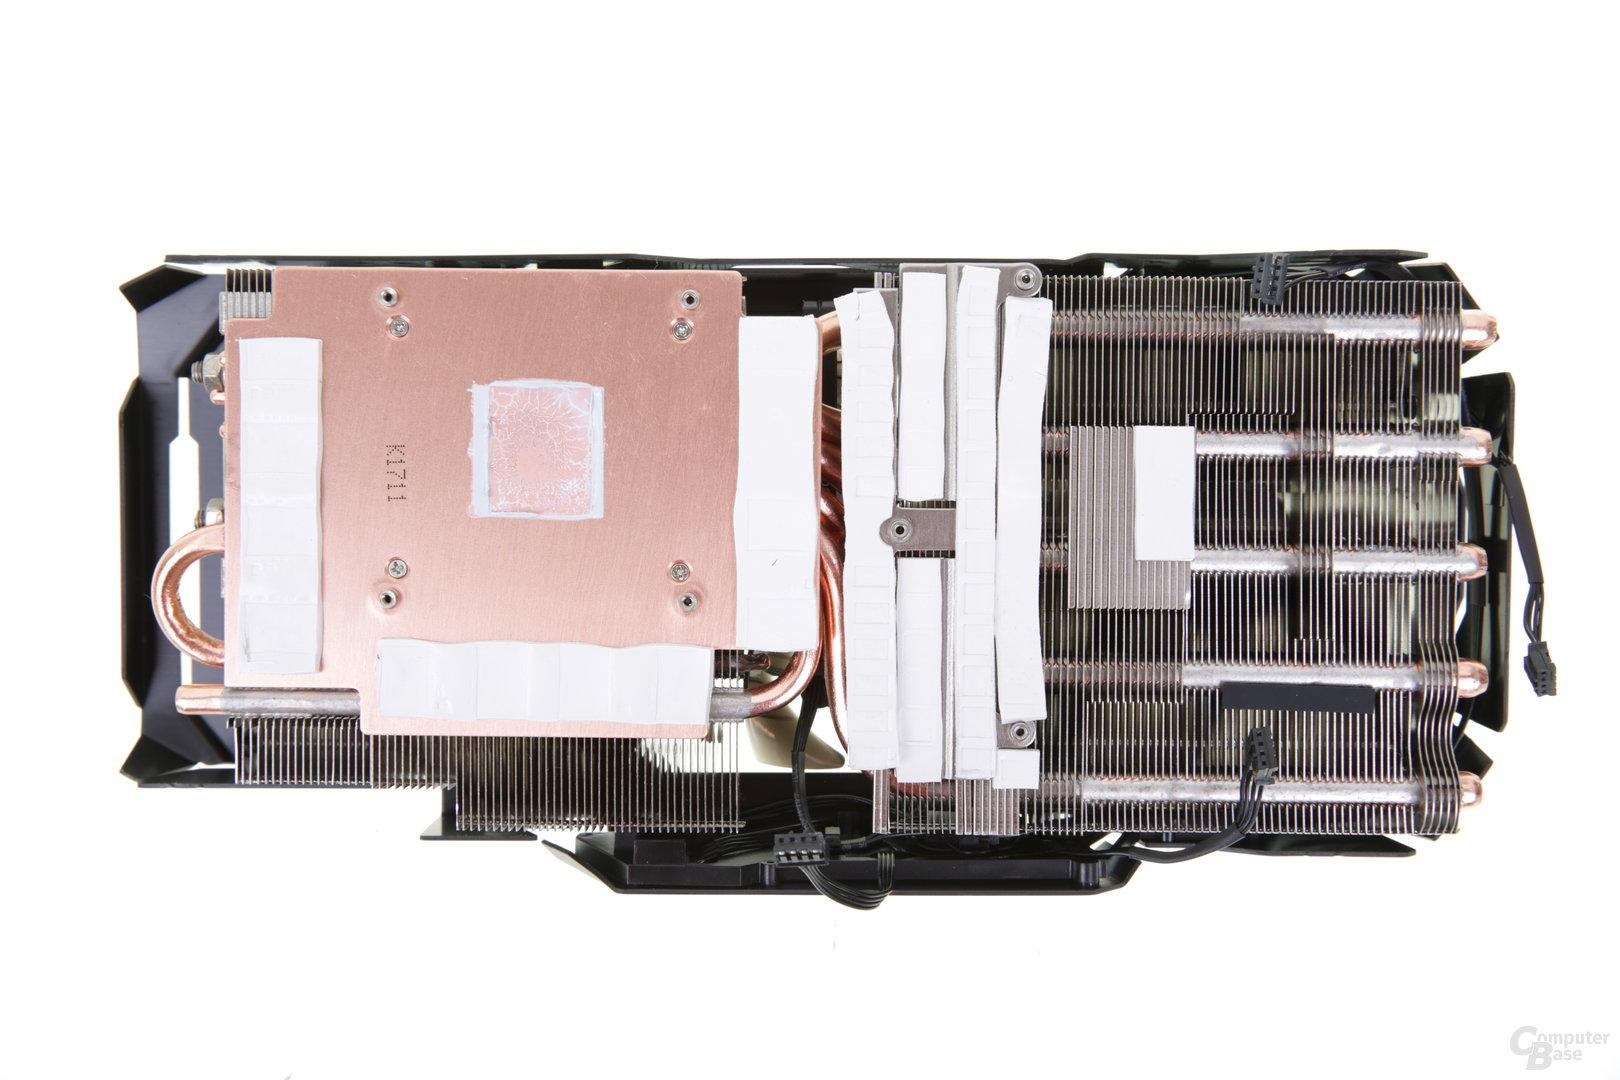 Massive Kupferbodenplatte für GPU und RAM